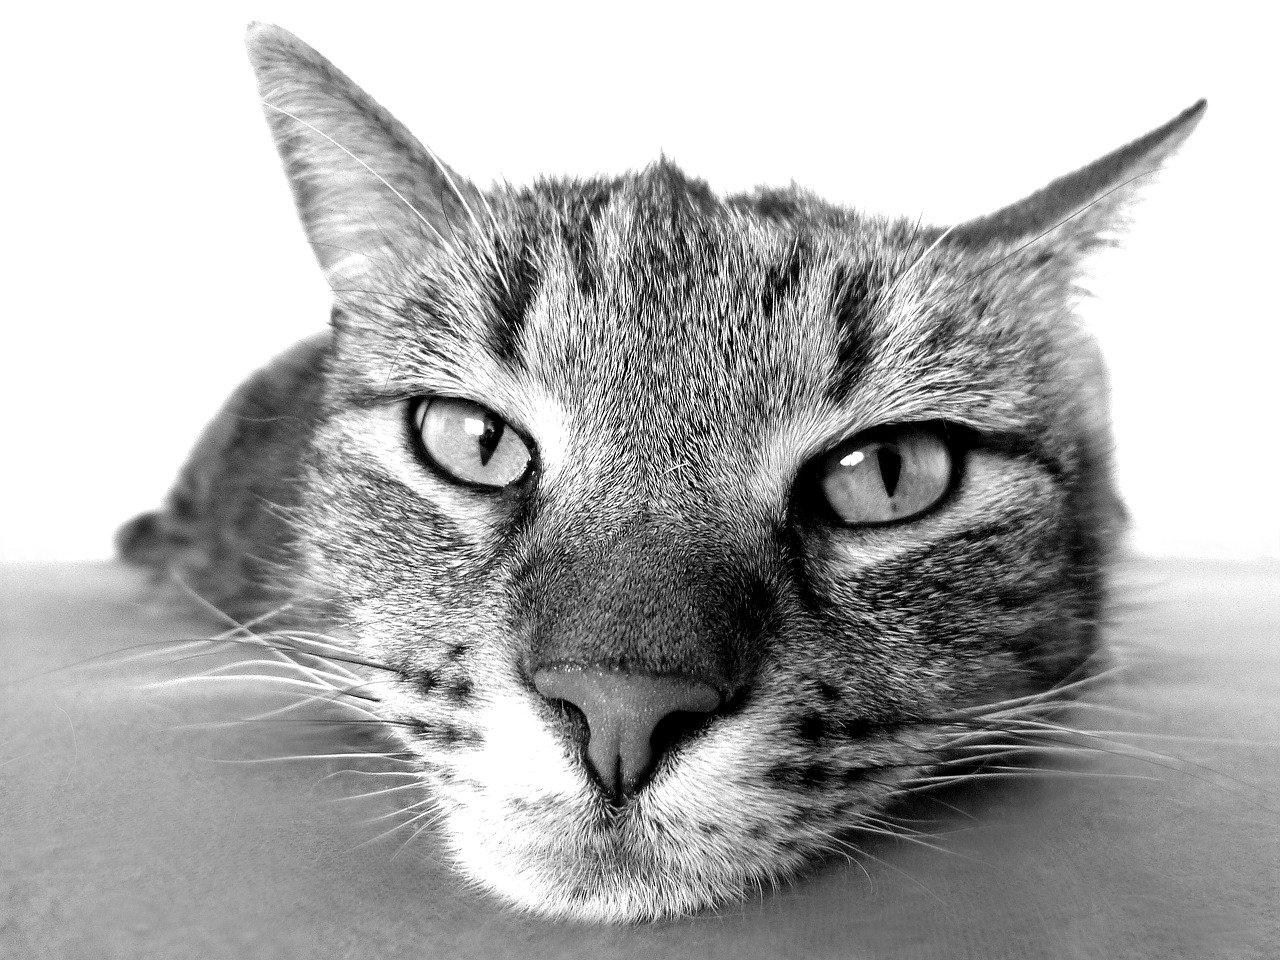 les chats de plus en plus prisés par les Français